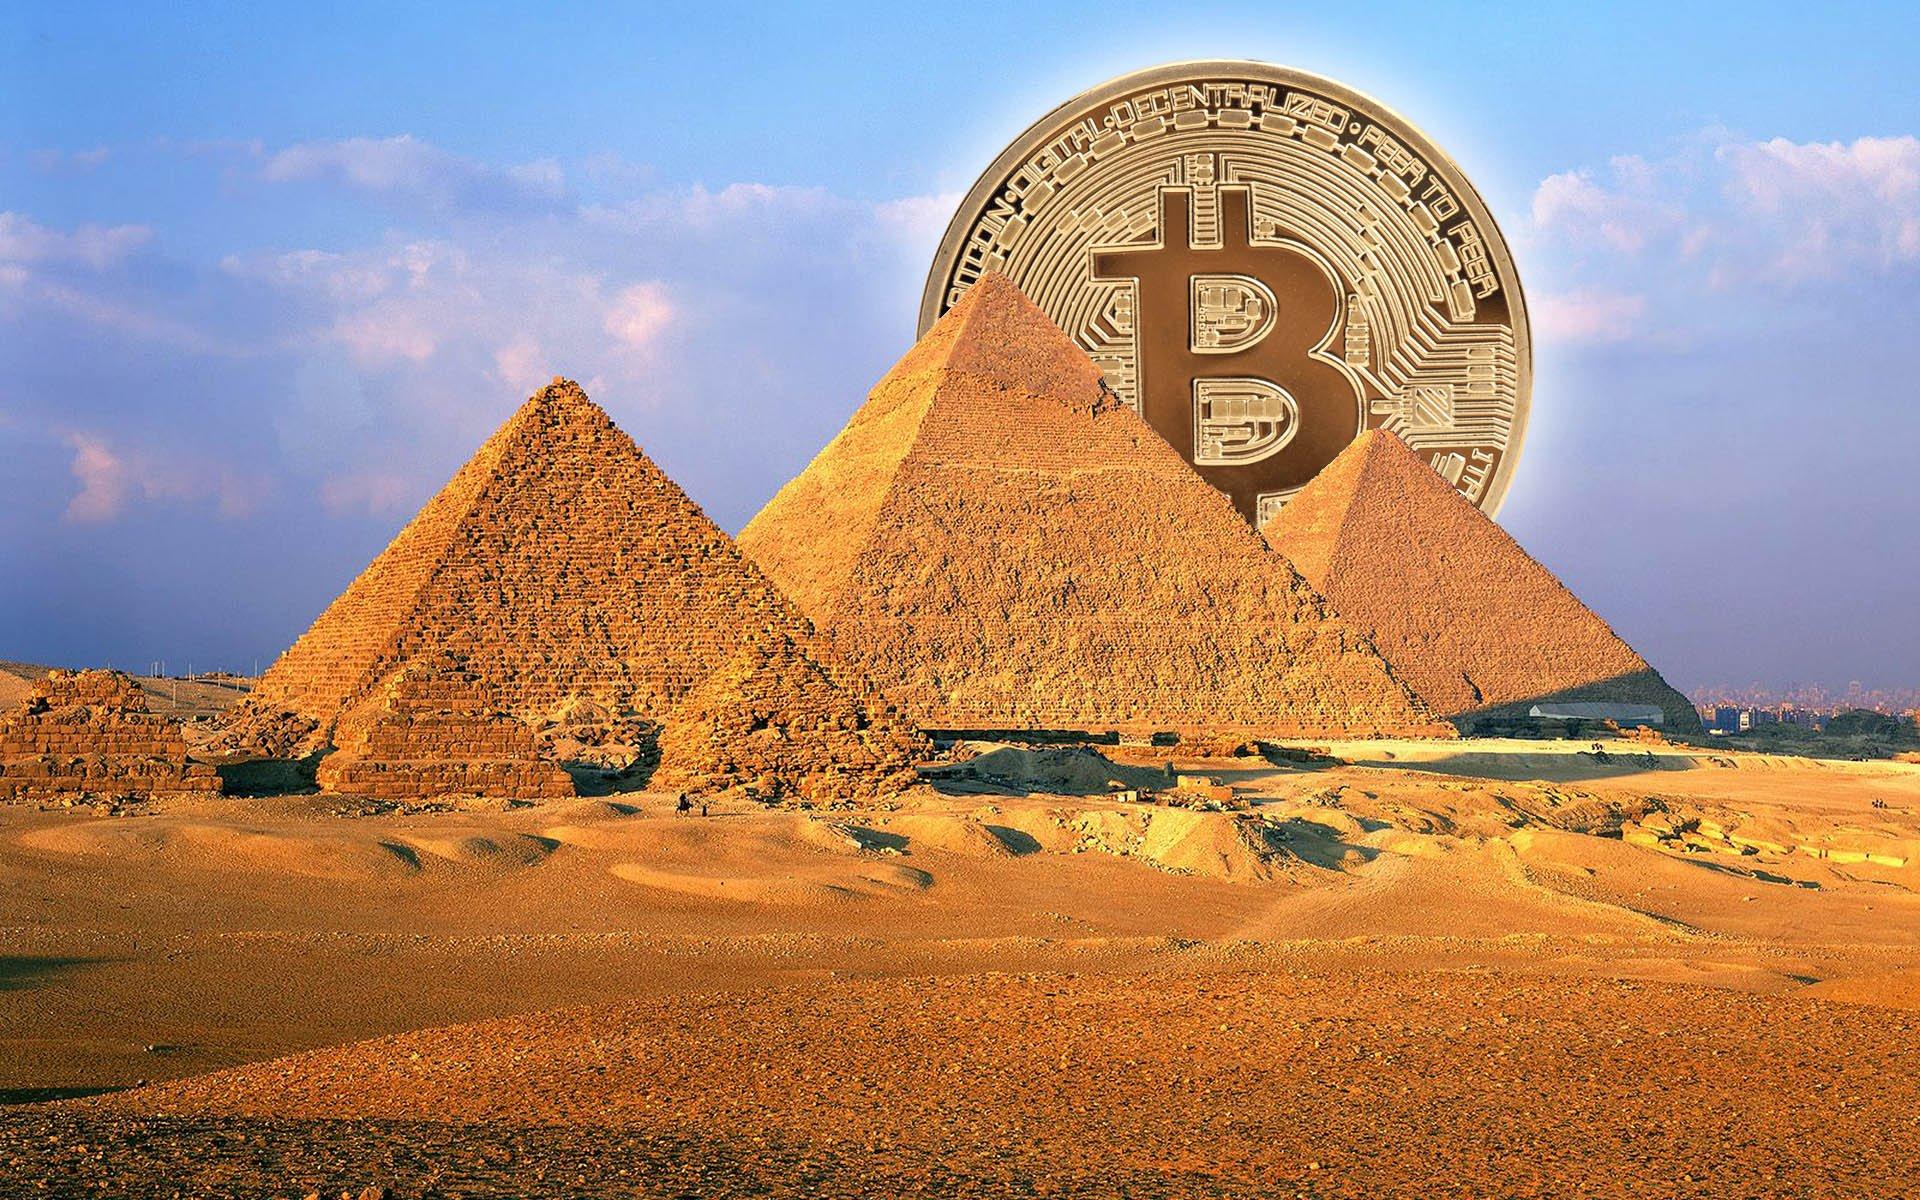 B266A480 988D 4BFB B87E 5D9CAD313ED6 - مصر به دلیل شیوع ویروس کرونا محدودیت هایی برای برداشت روزانه پول از بانک ها اعمال کرد .